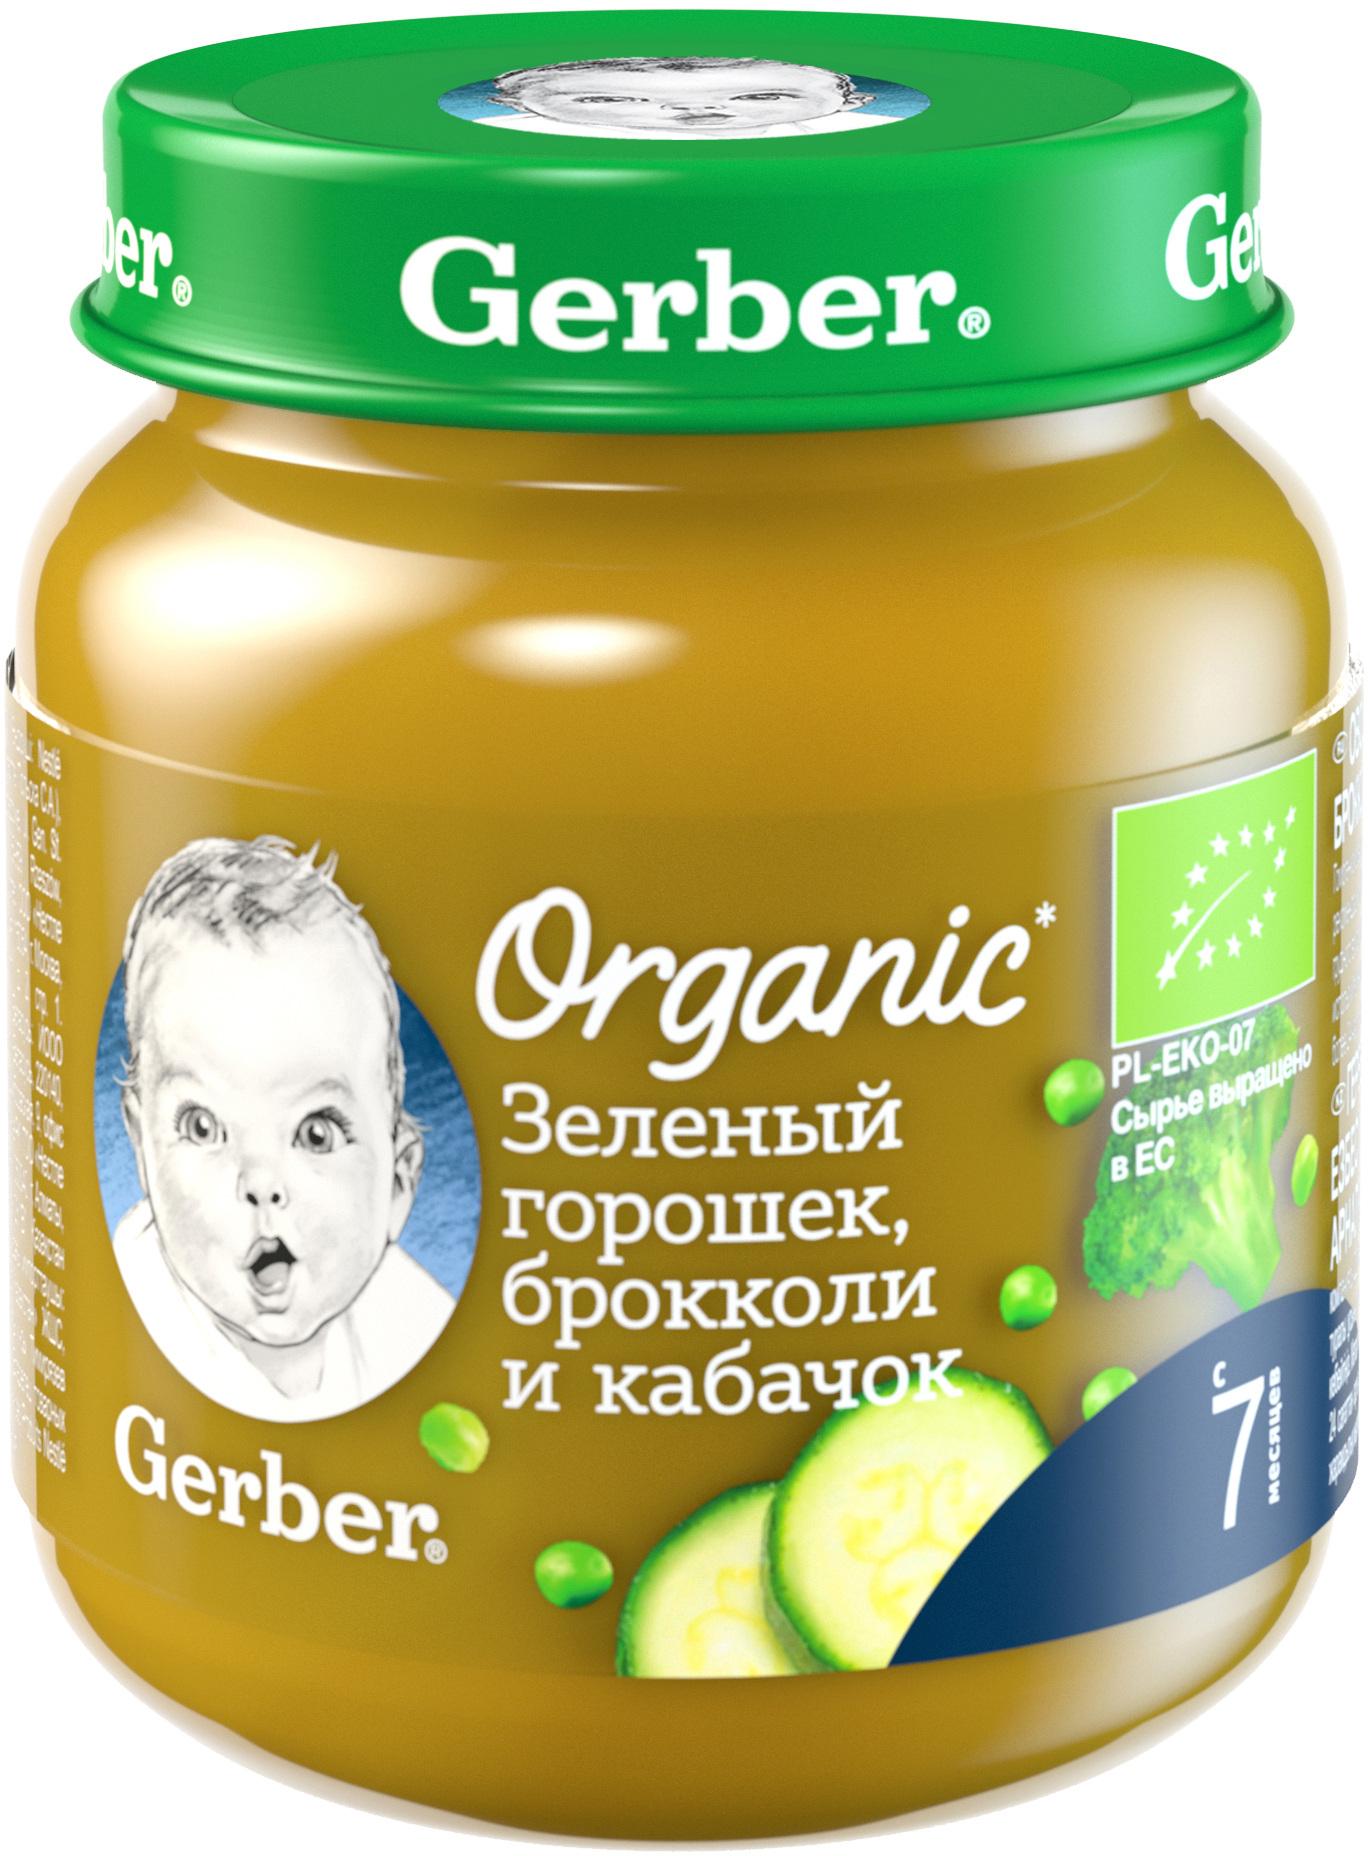 Пюре Gerber Organic «Зеленый горошек, брокколи и кабачок» с 7 мес. 125 г пюре gerber organic тыква и сладкий картофель с 5 мес 125 г